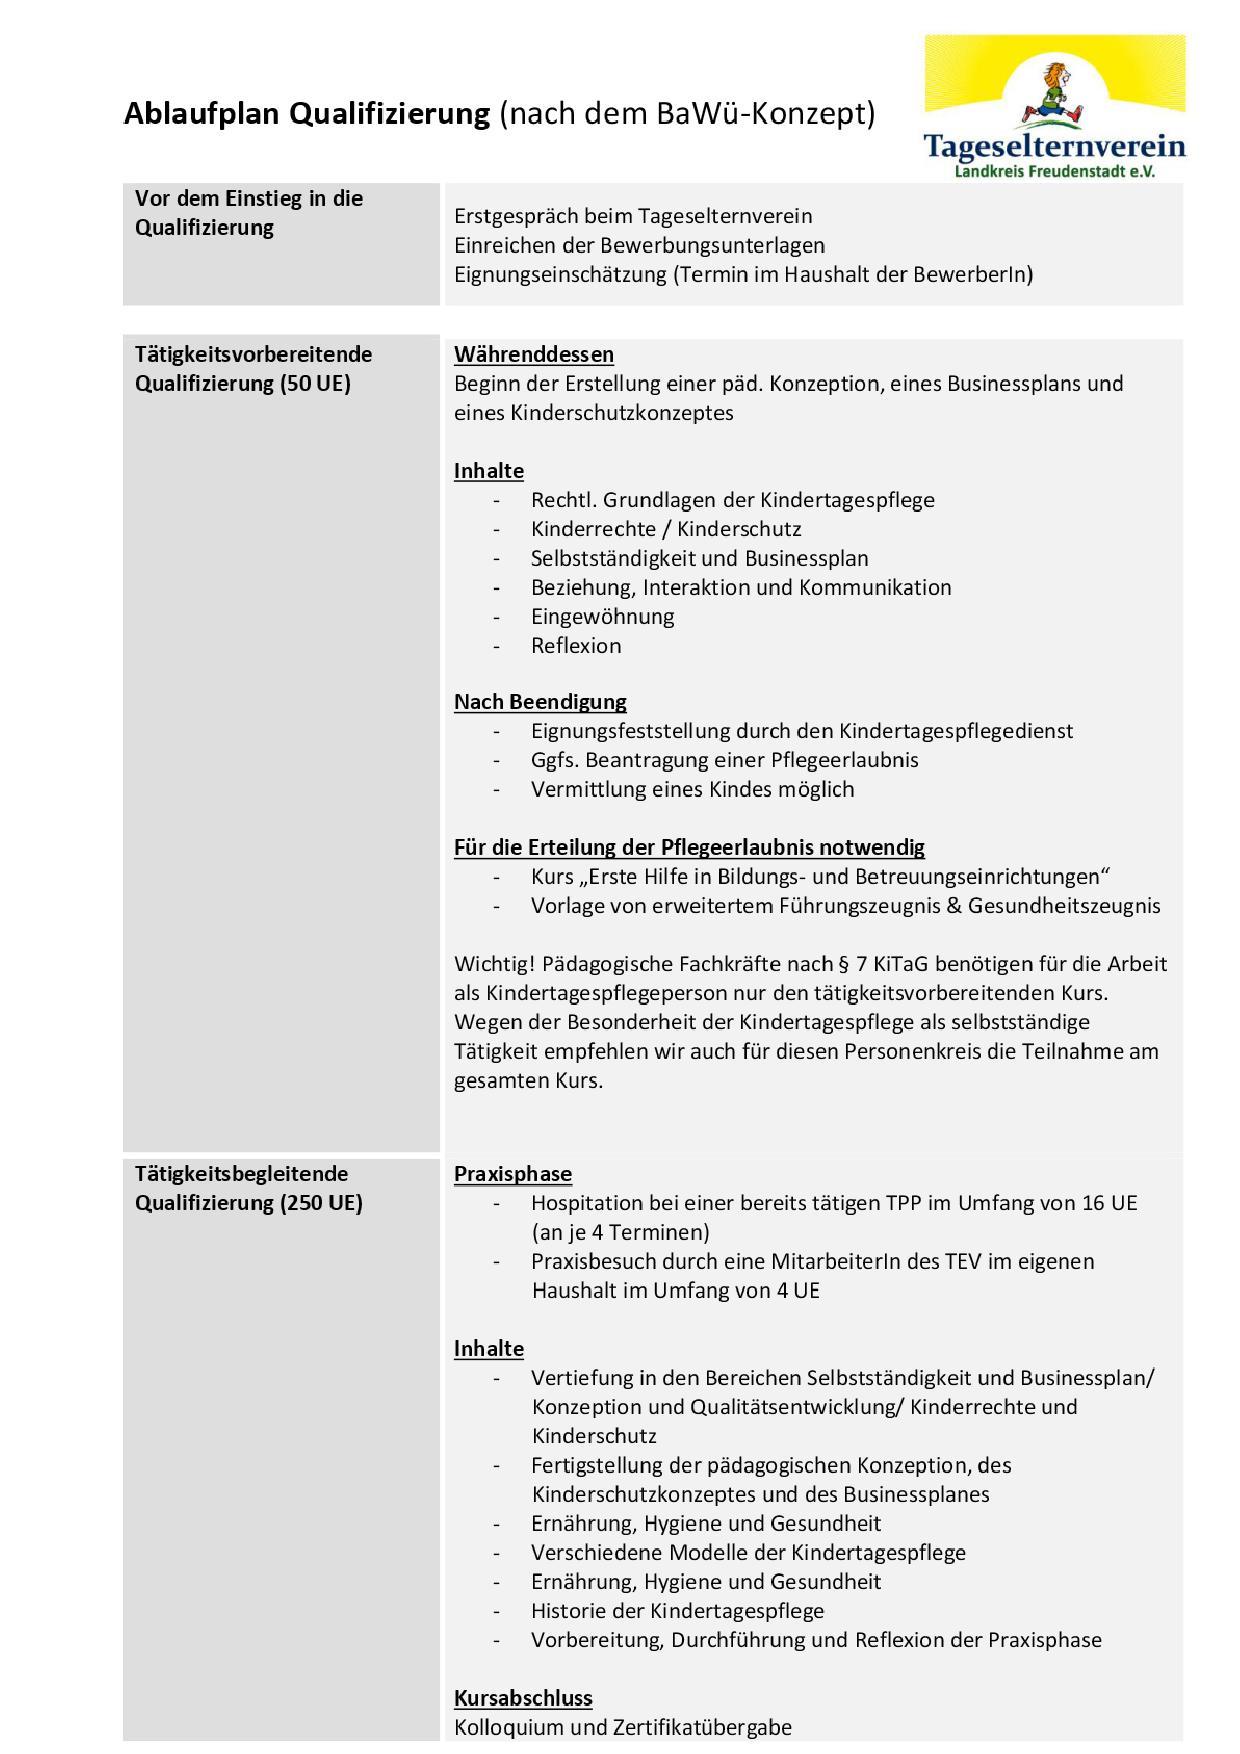 Ablaufplan Qualifizierung 300UE